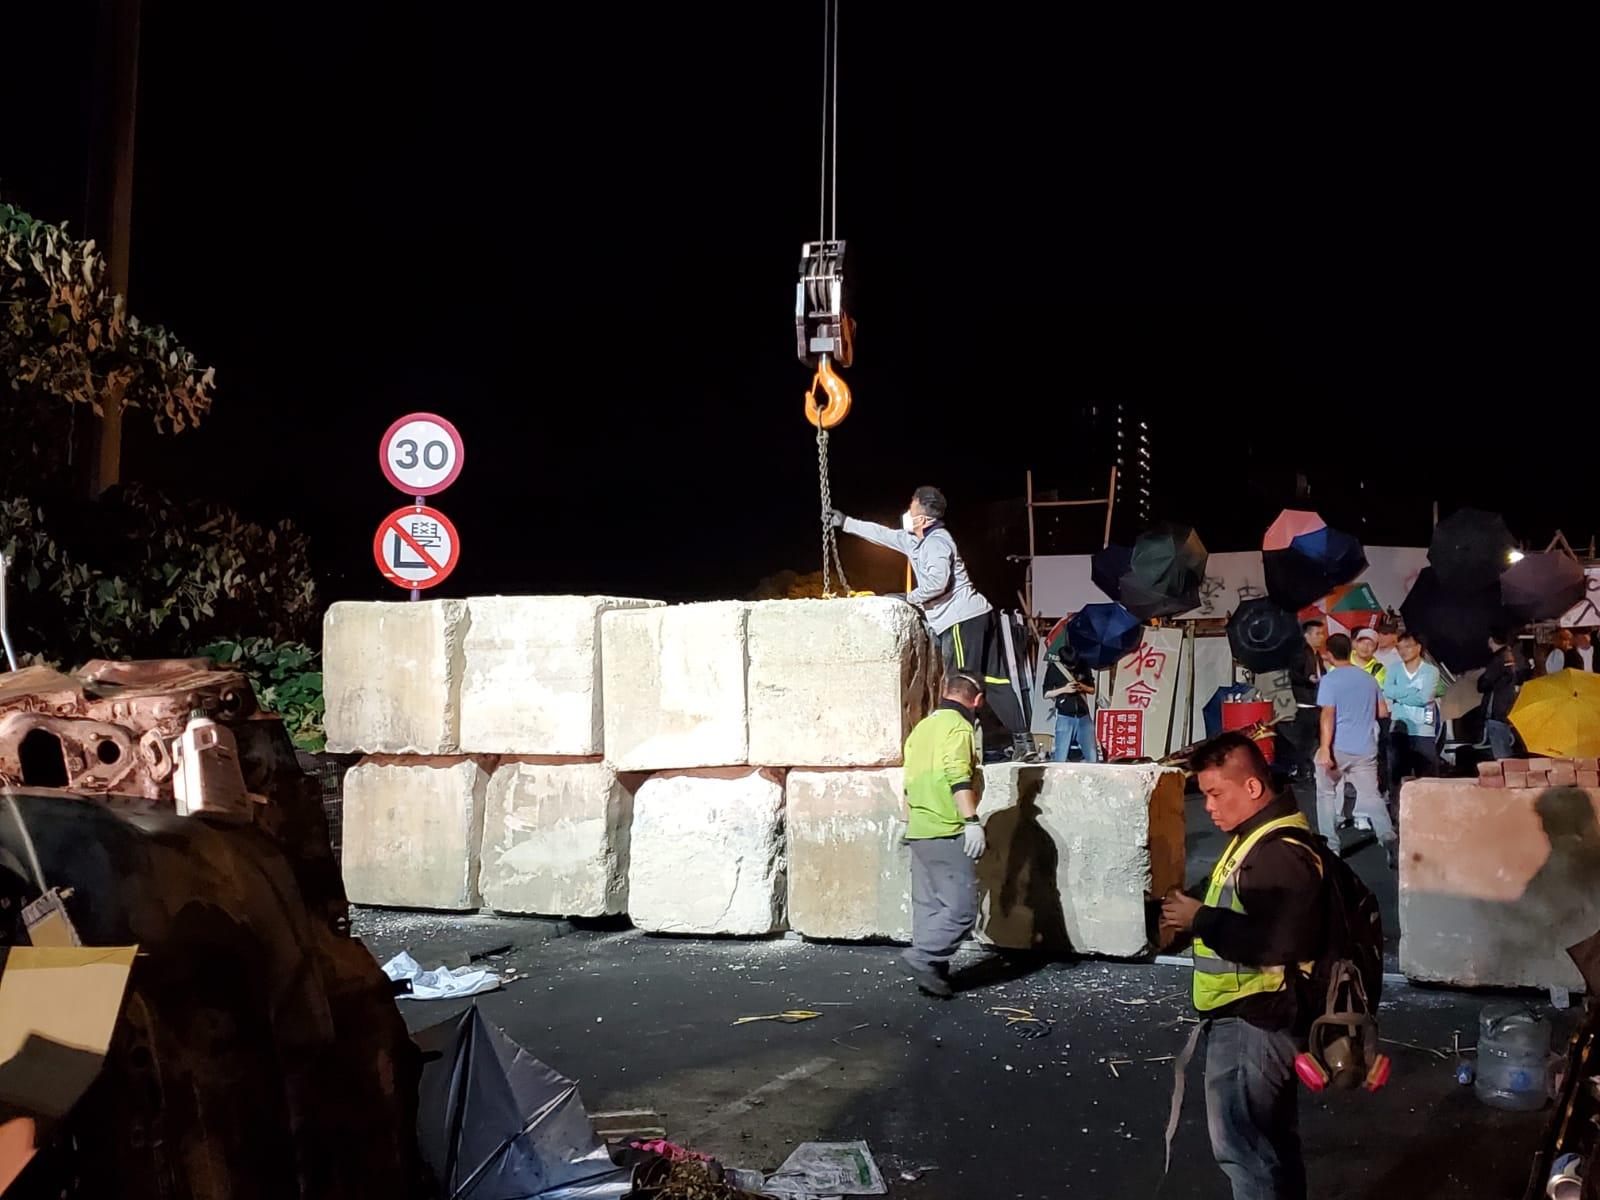 【大三罢】港府石趸封中大二号桥 防吐露港公路再被堵